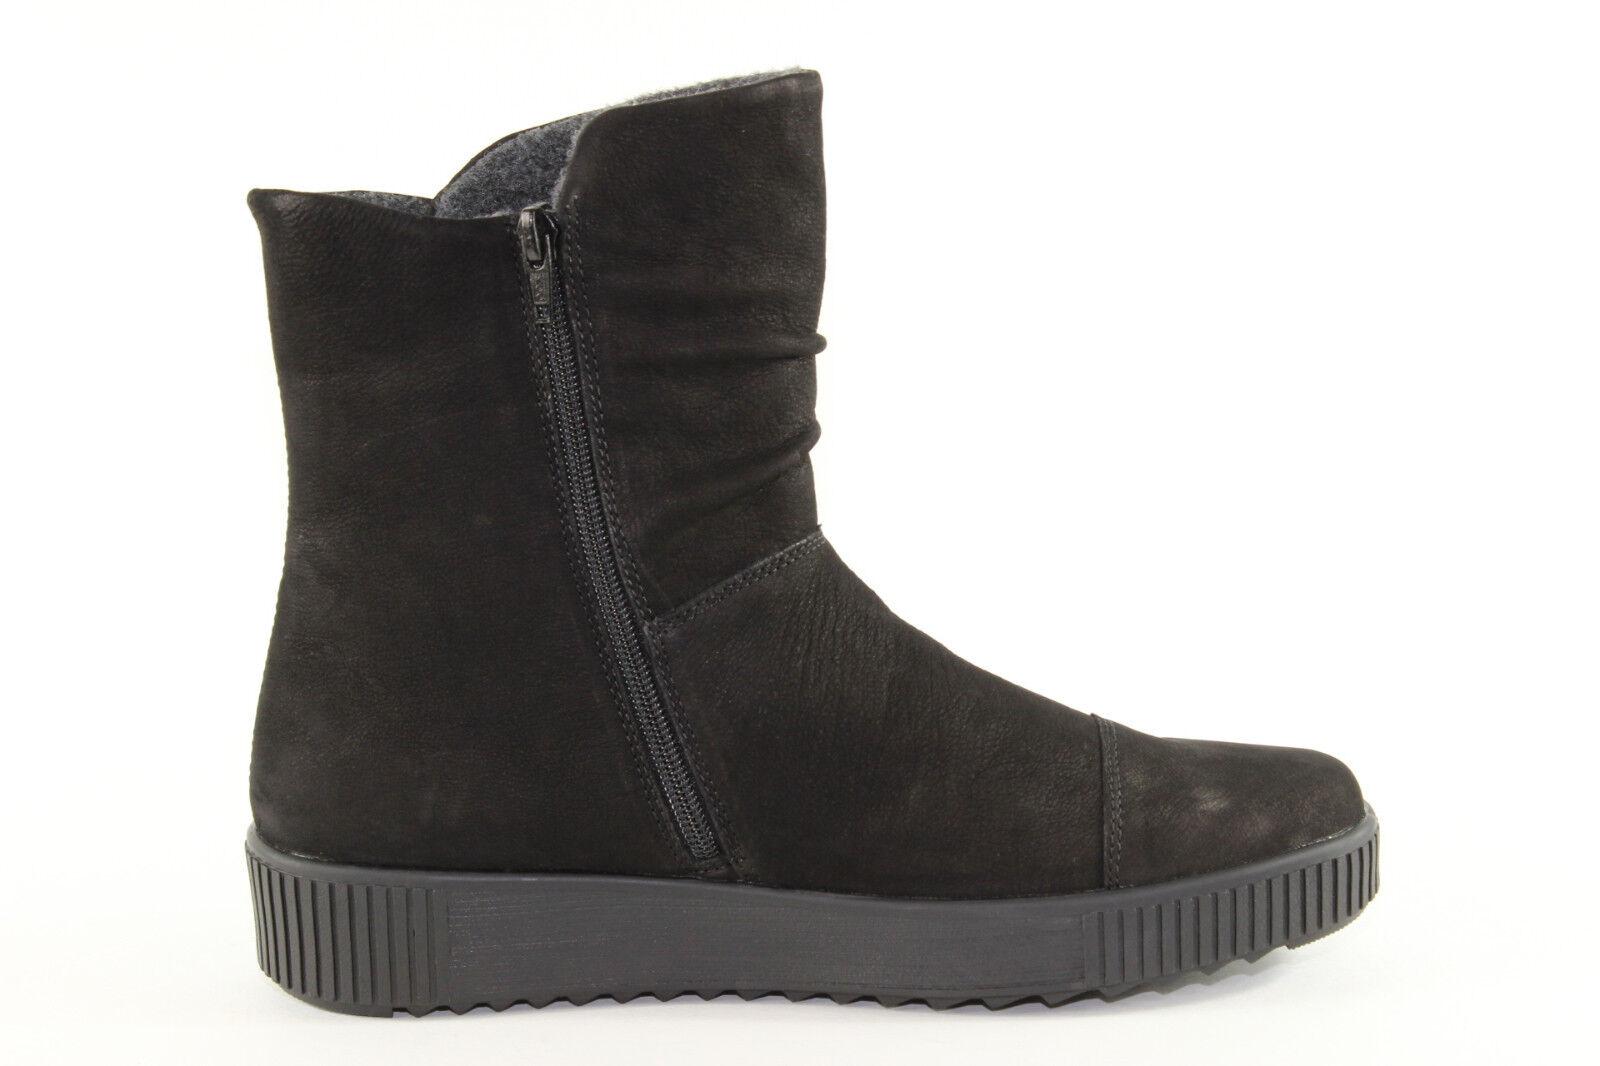 Remonte R7977-02, Damenschuhe warme Stiefel mit RemonteTEX, Damenschuhe R7977-02, Übergröße 2bf08b